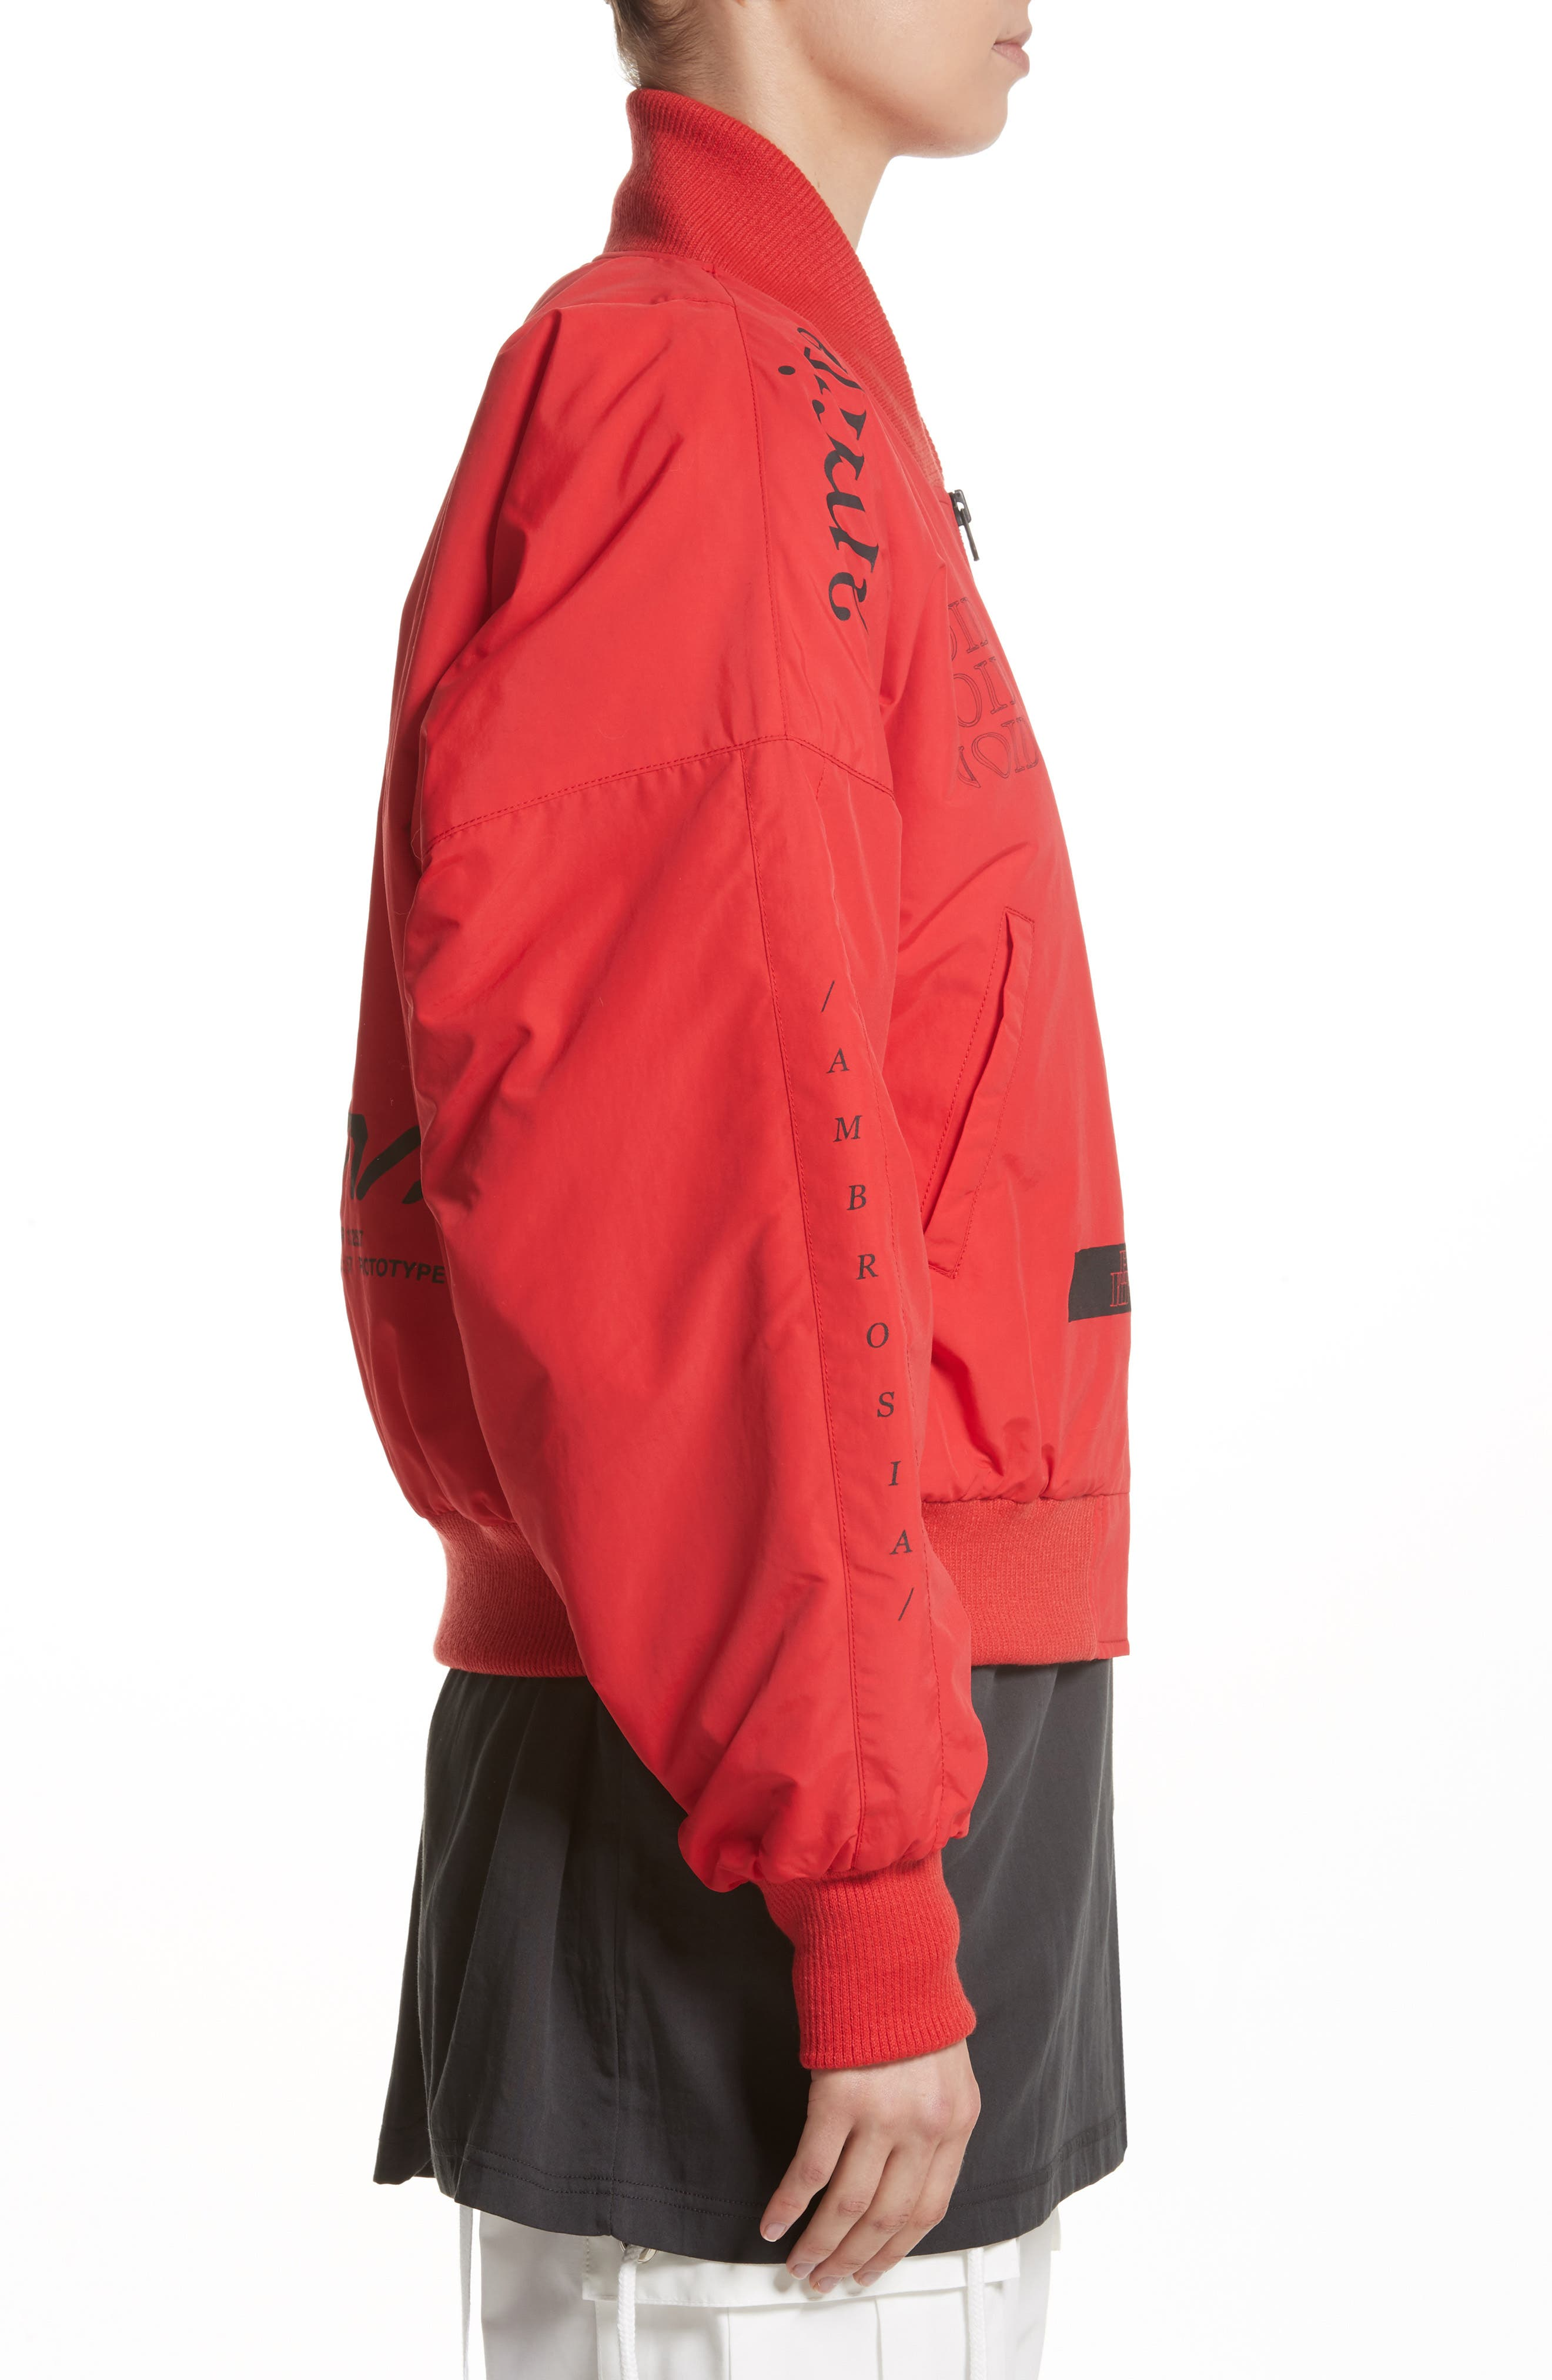 Kaneda Bomber Jacket,                             Alternate thumbnail 3, color,                             Red